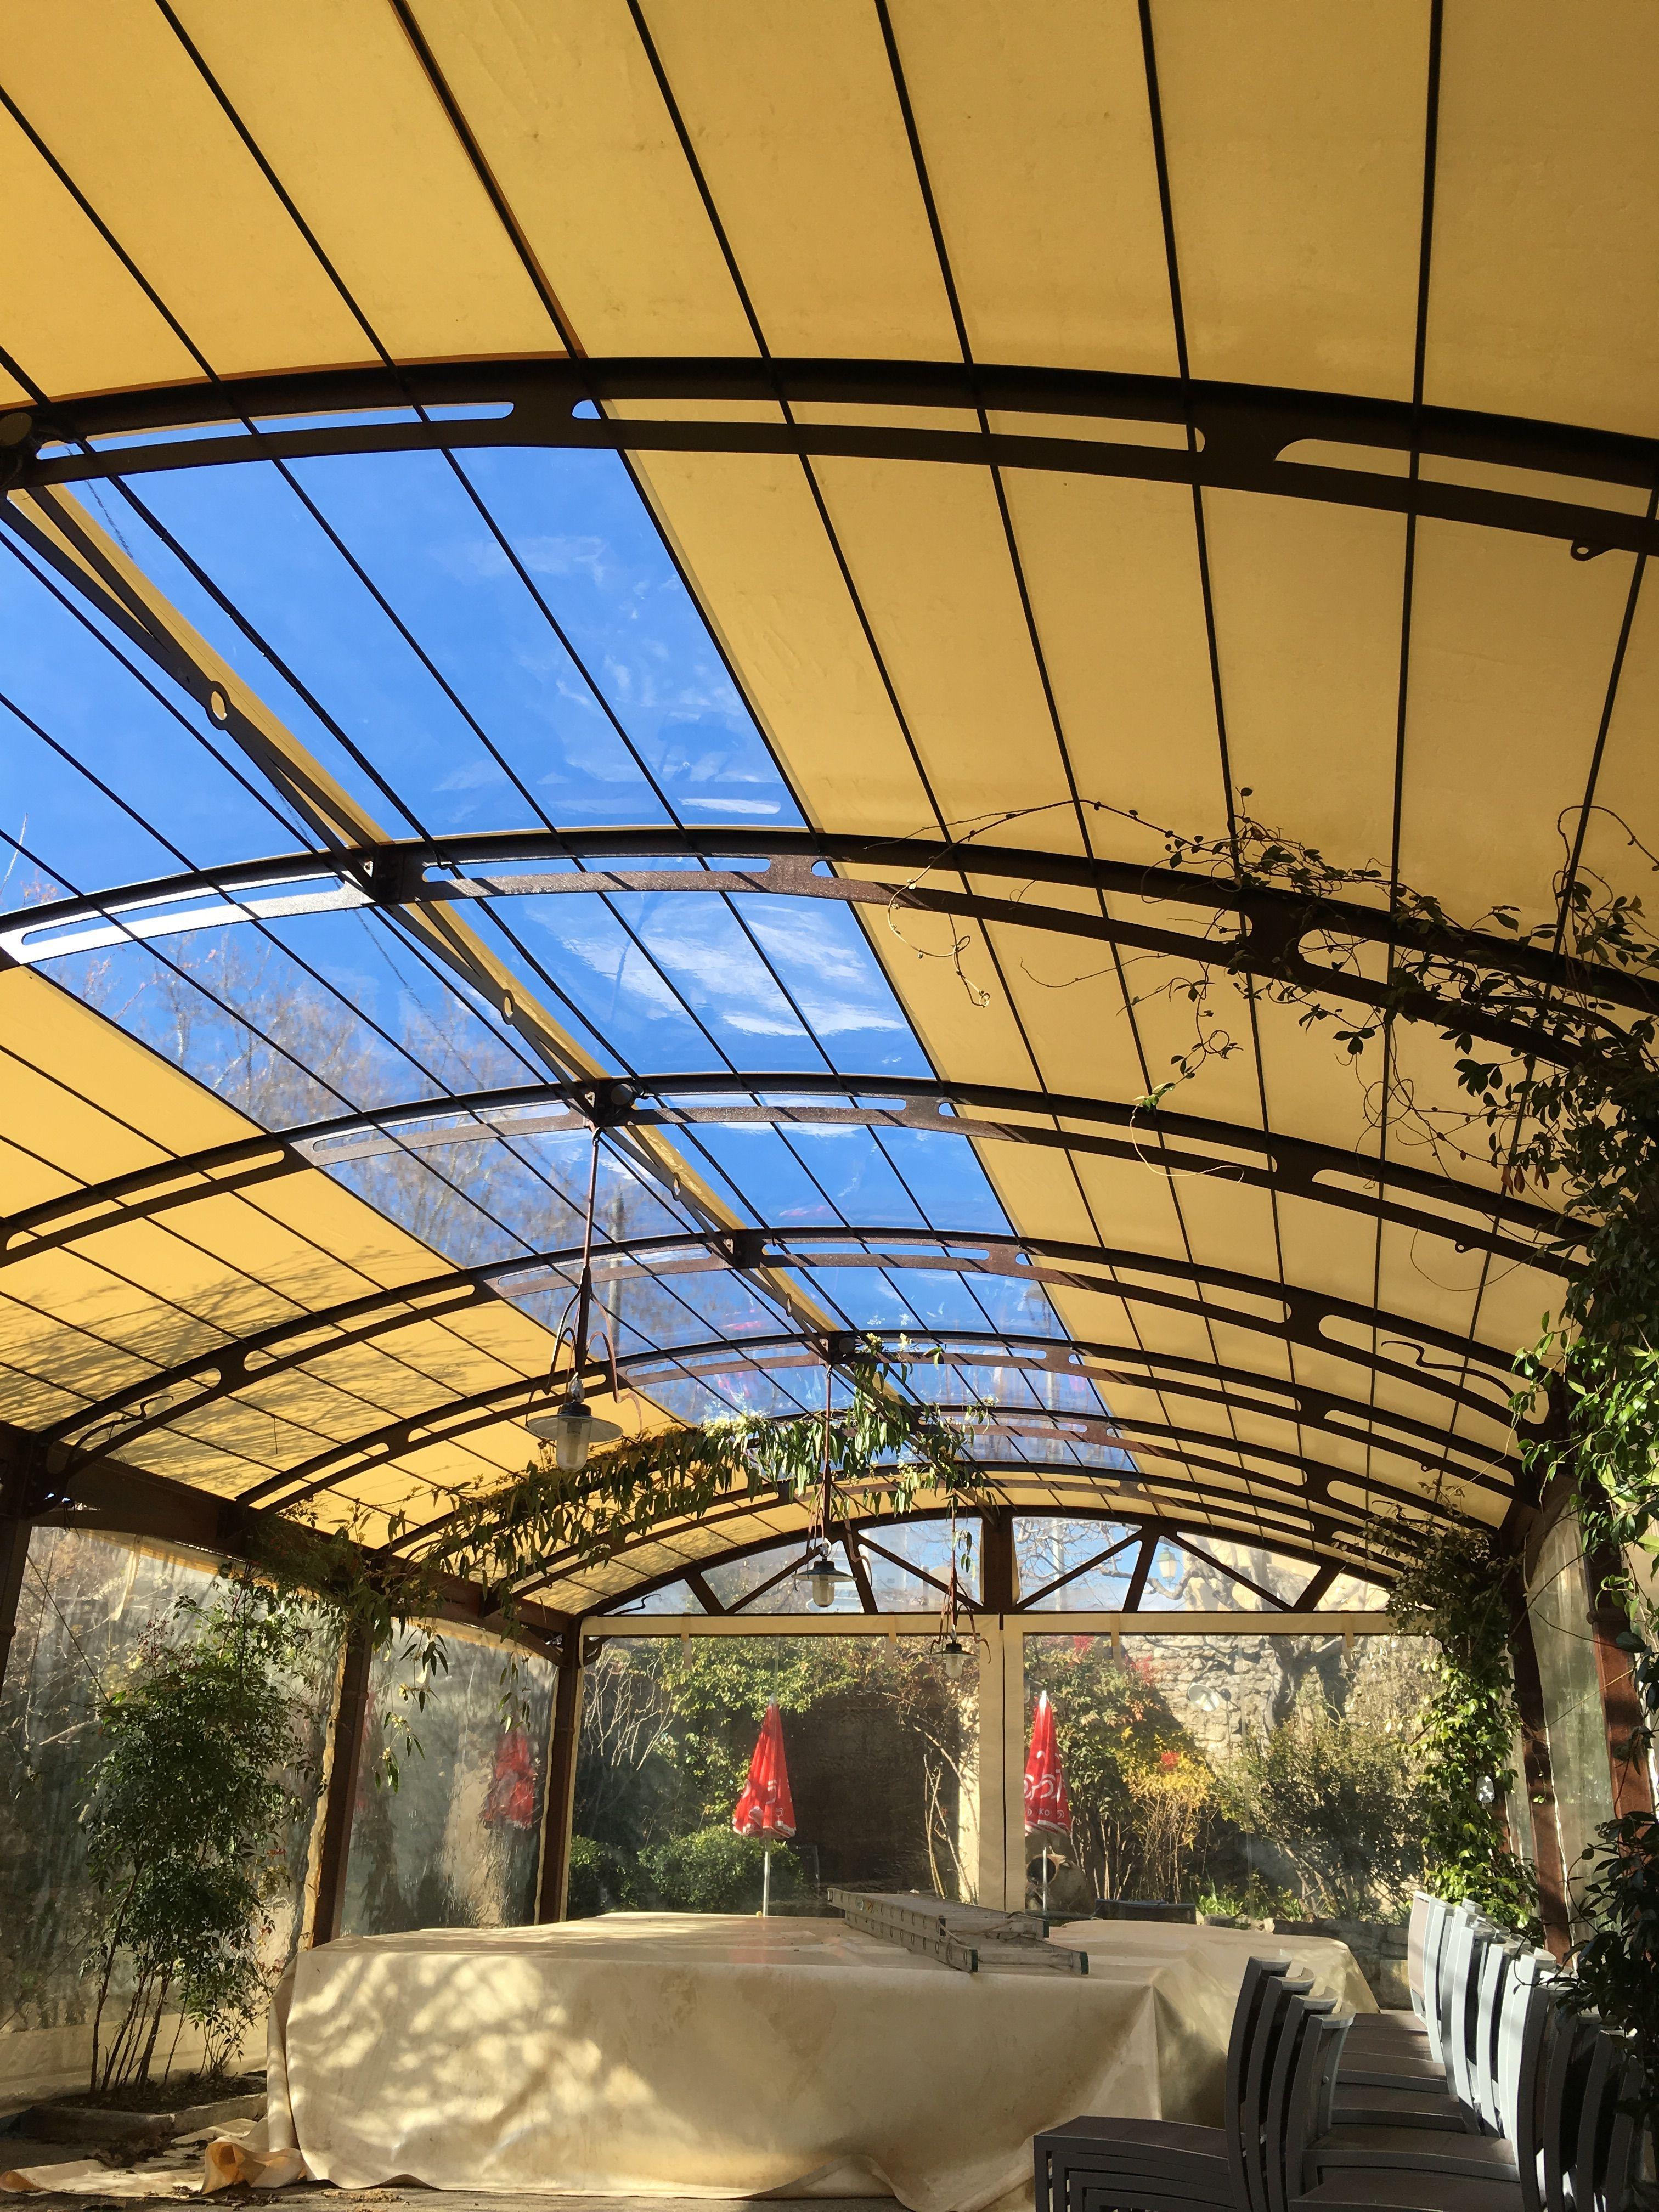 Couverture de pergola avec partie centrale transparente | Couverture de pergola, Voile ombrage ...